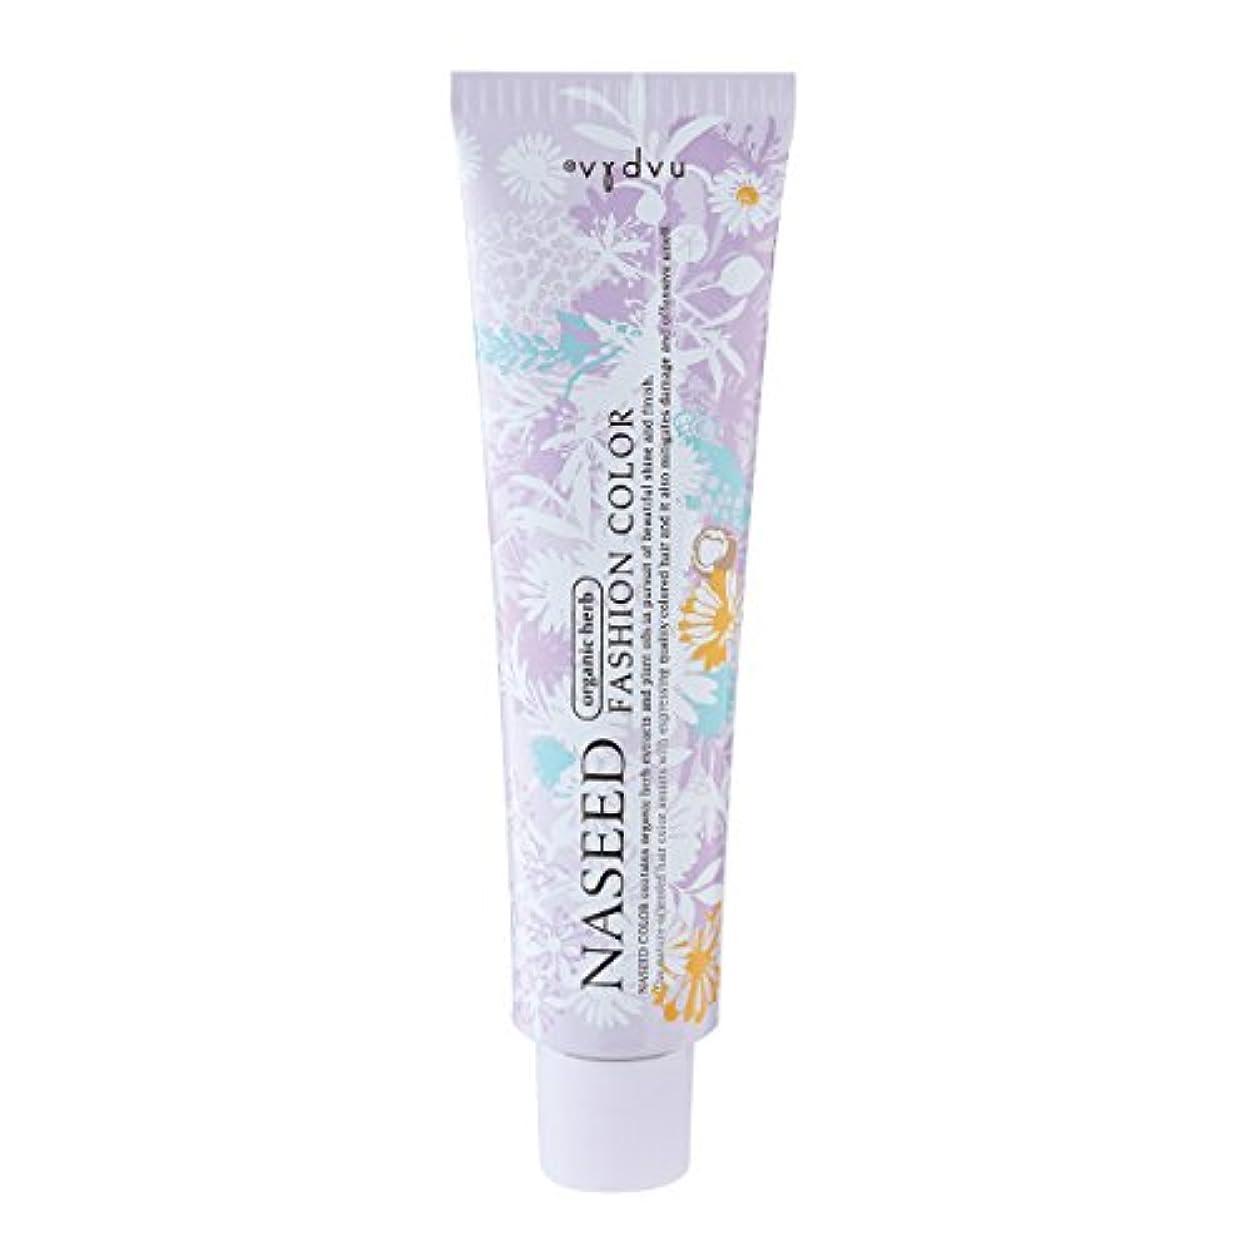 溶接スタンド例ナプラ ナシードカラー ショコラ N-Ch6 80g  (ファッションカラー)【業務用】 【ヘアカラー1剤】